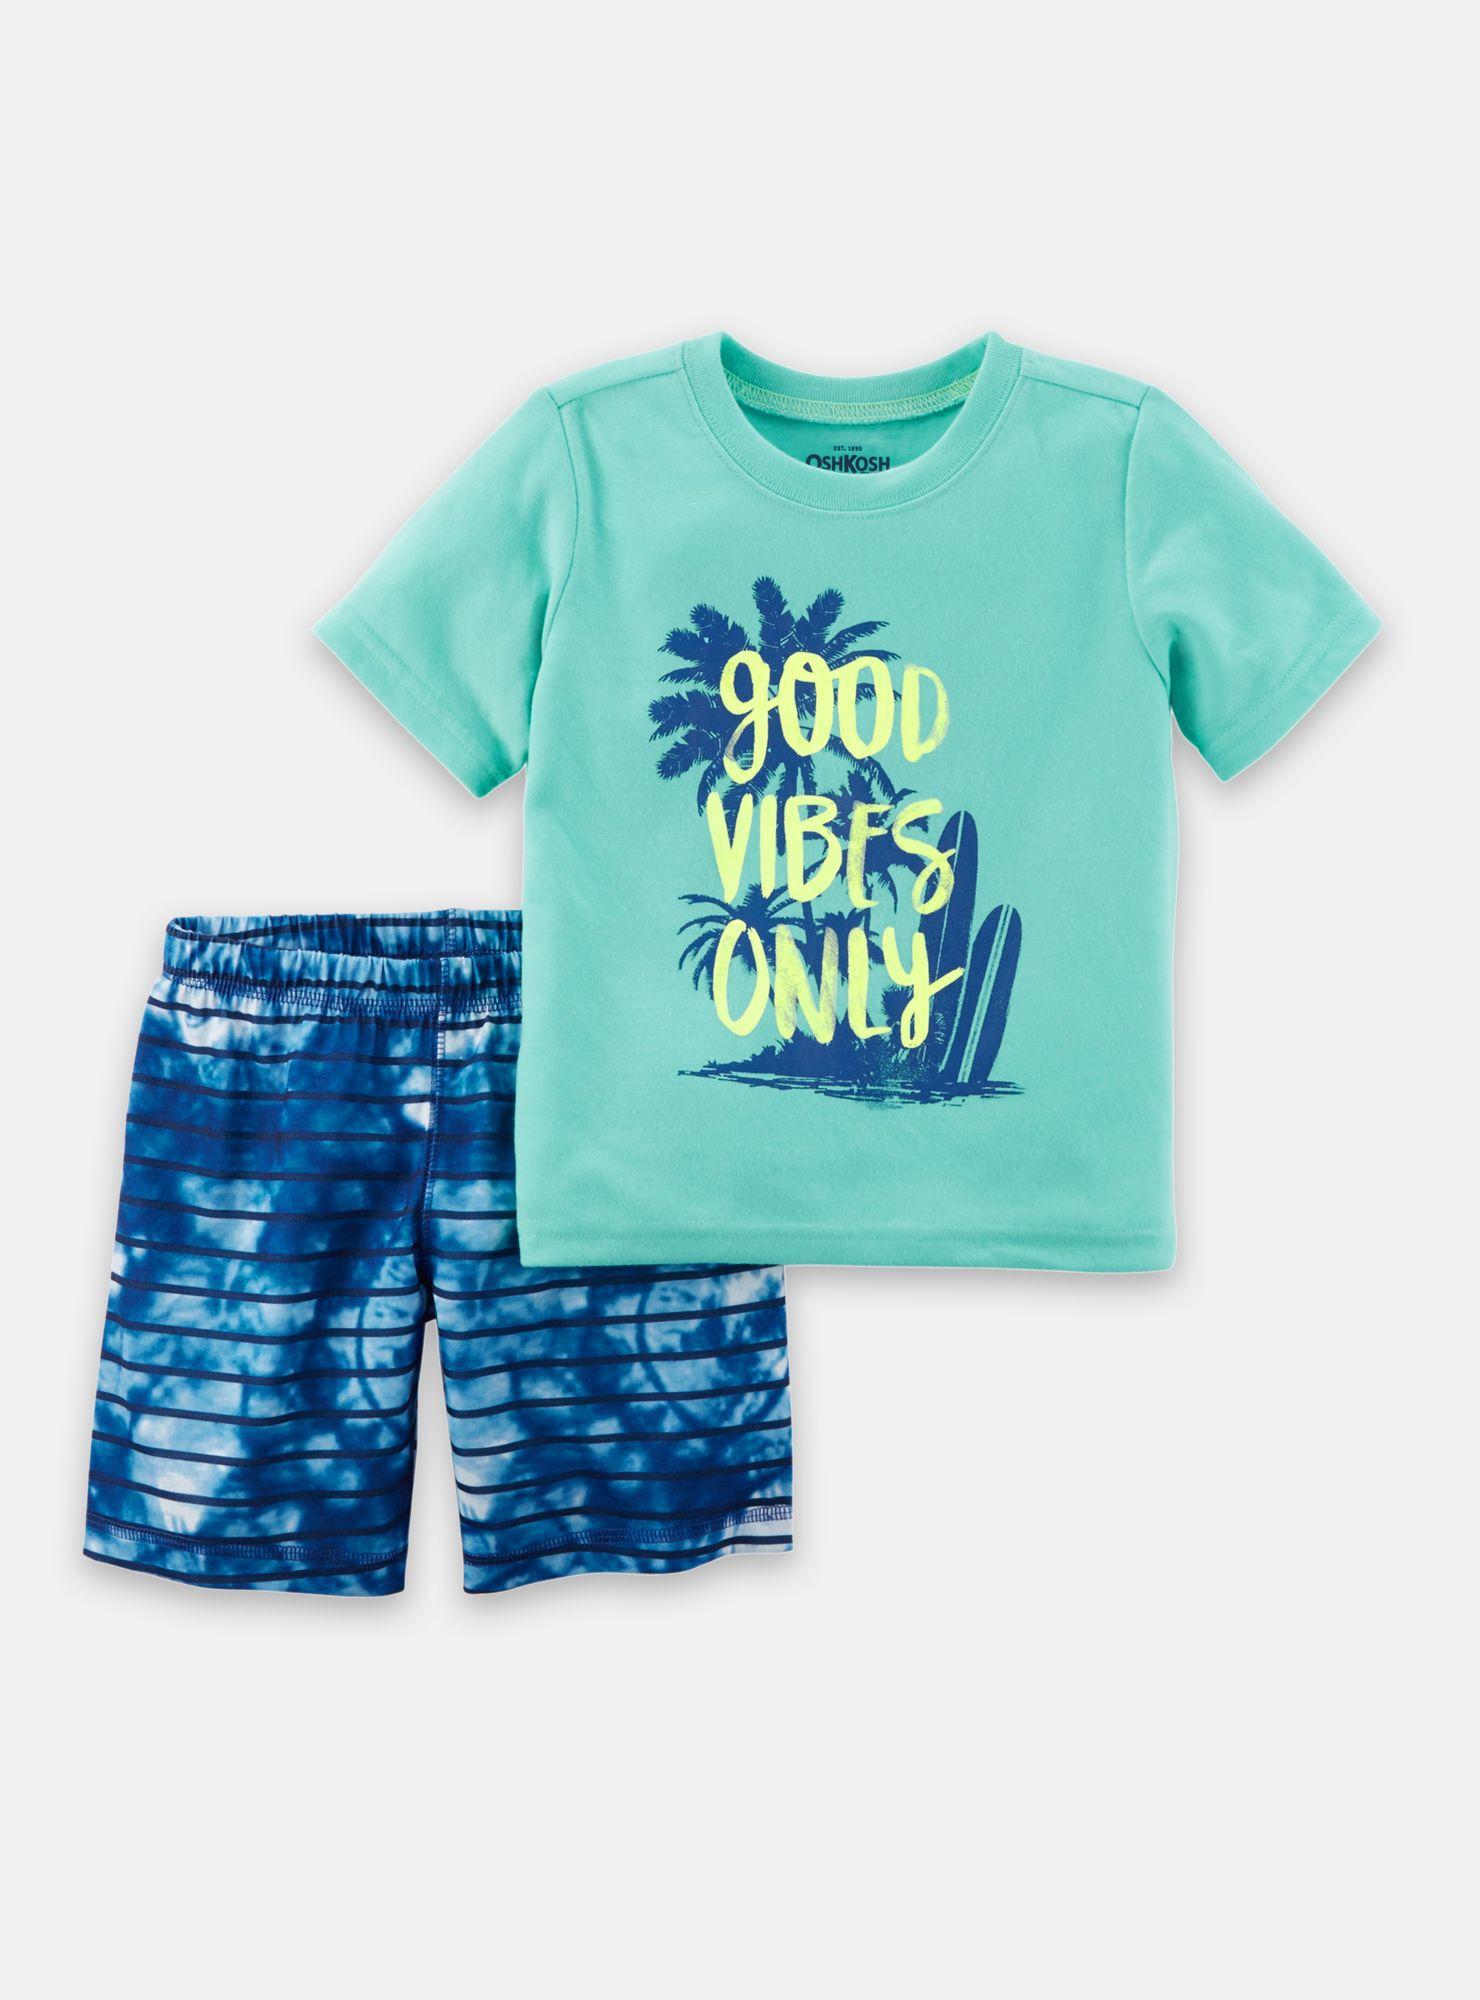 aa623a0b8a Pijama 2 Piezas Niño 2 A 4 Años OshKosh B Gosh en OshKosh